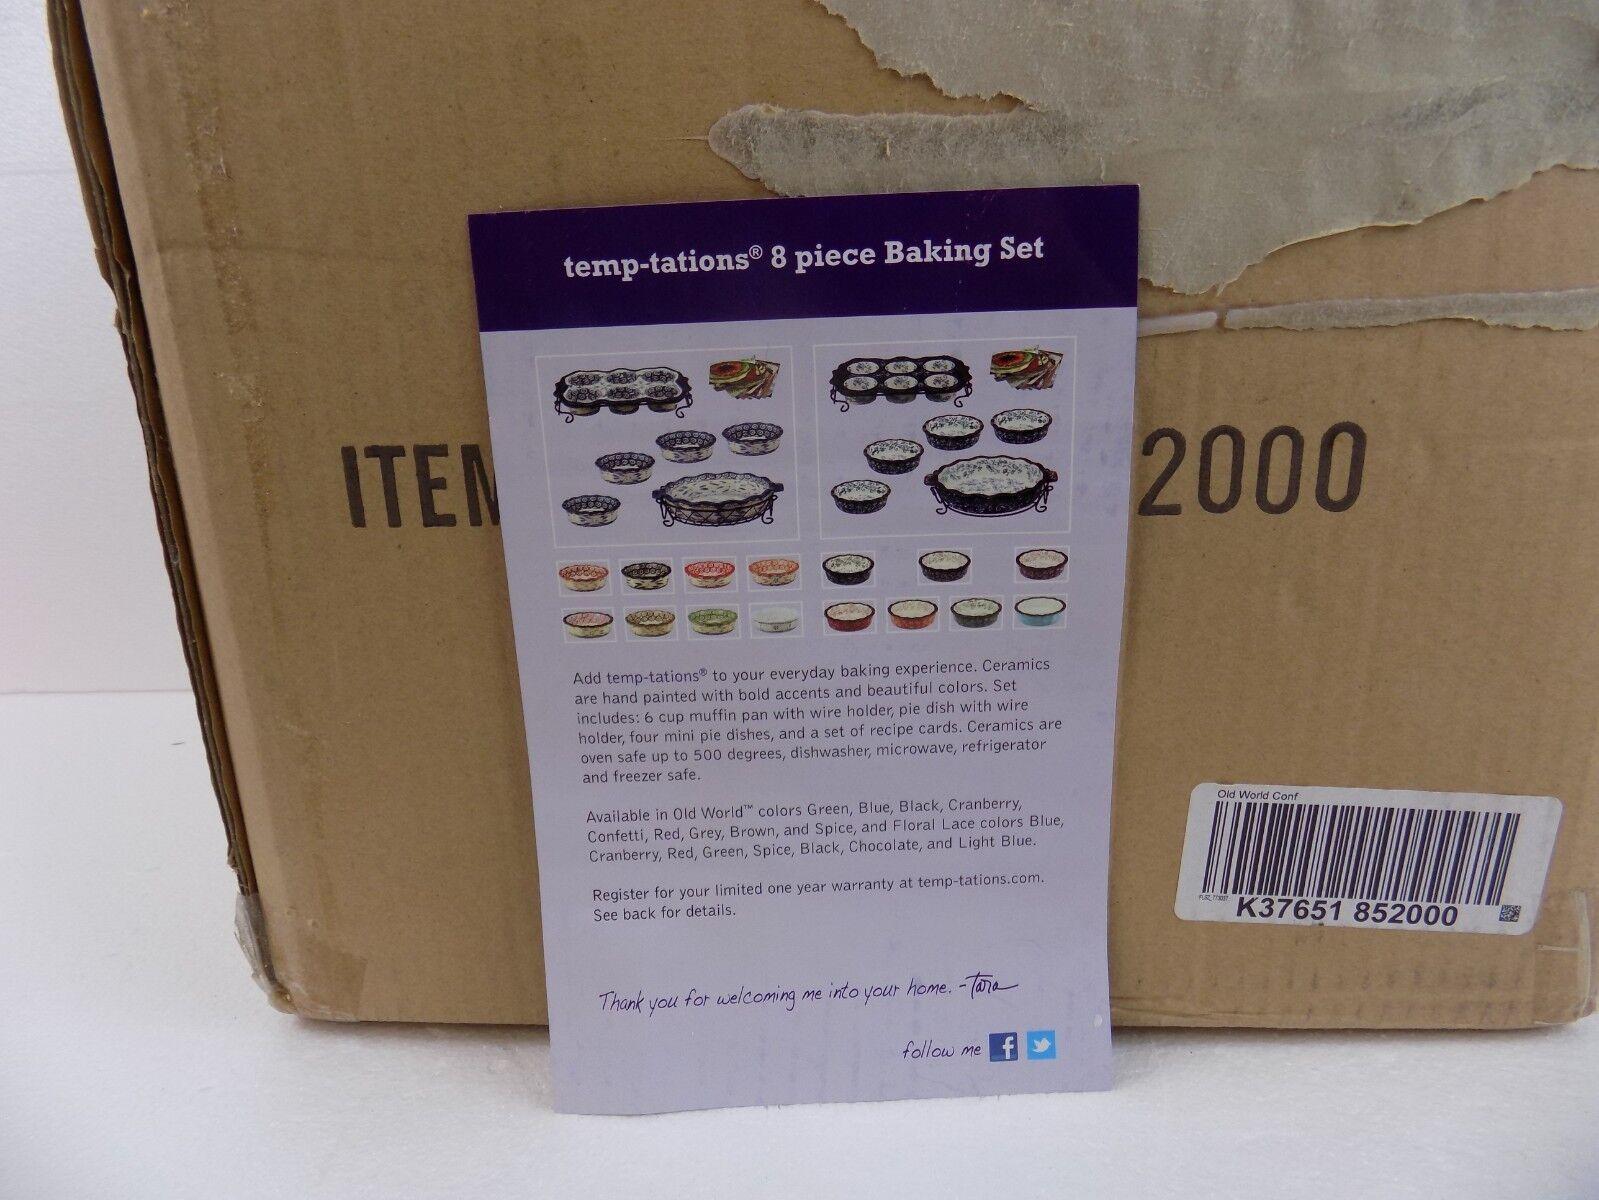 TEMPTATIONS-Neuf 8 pièces de cuisson Set dans un OLD WORLD CONFETTI couleur-New in Box